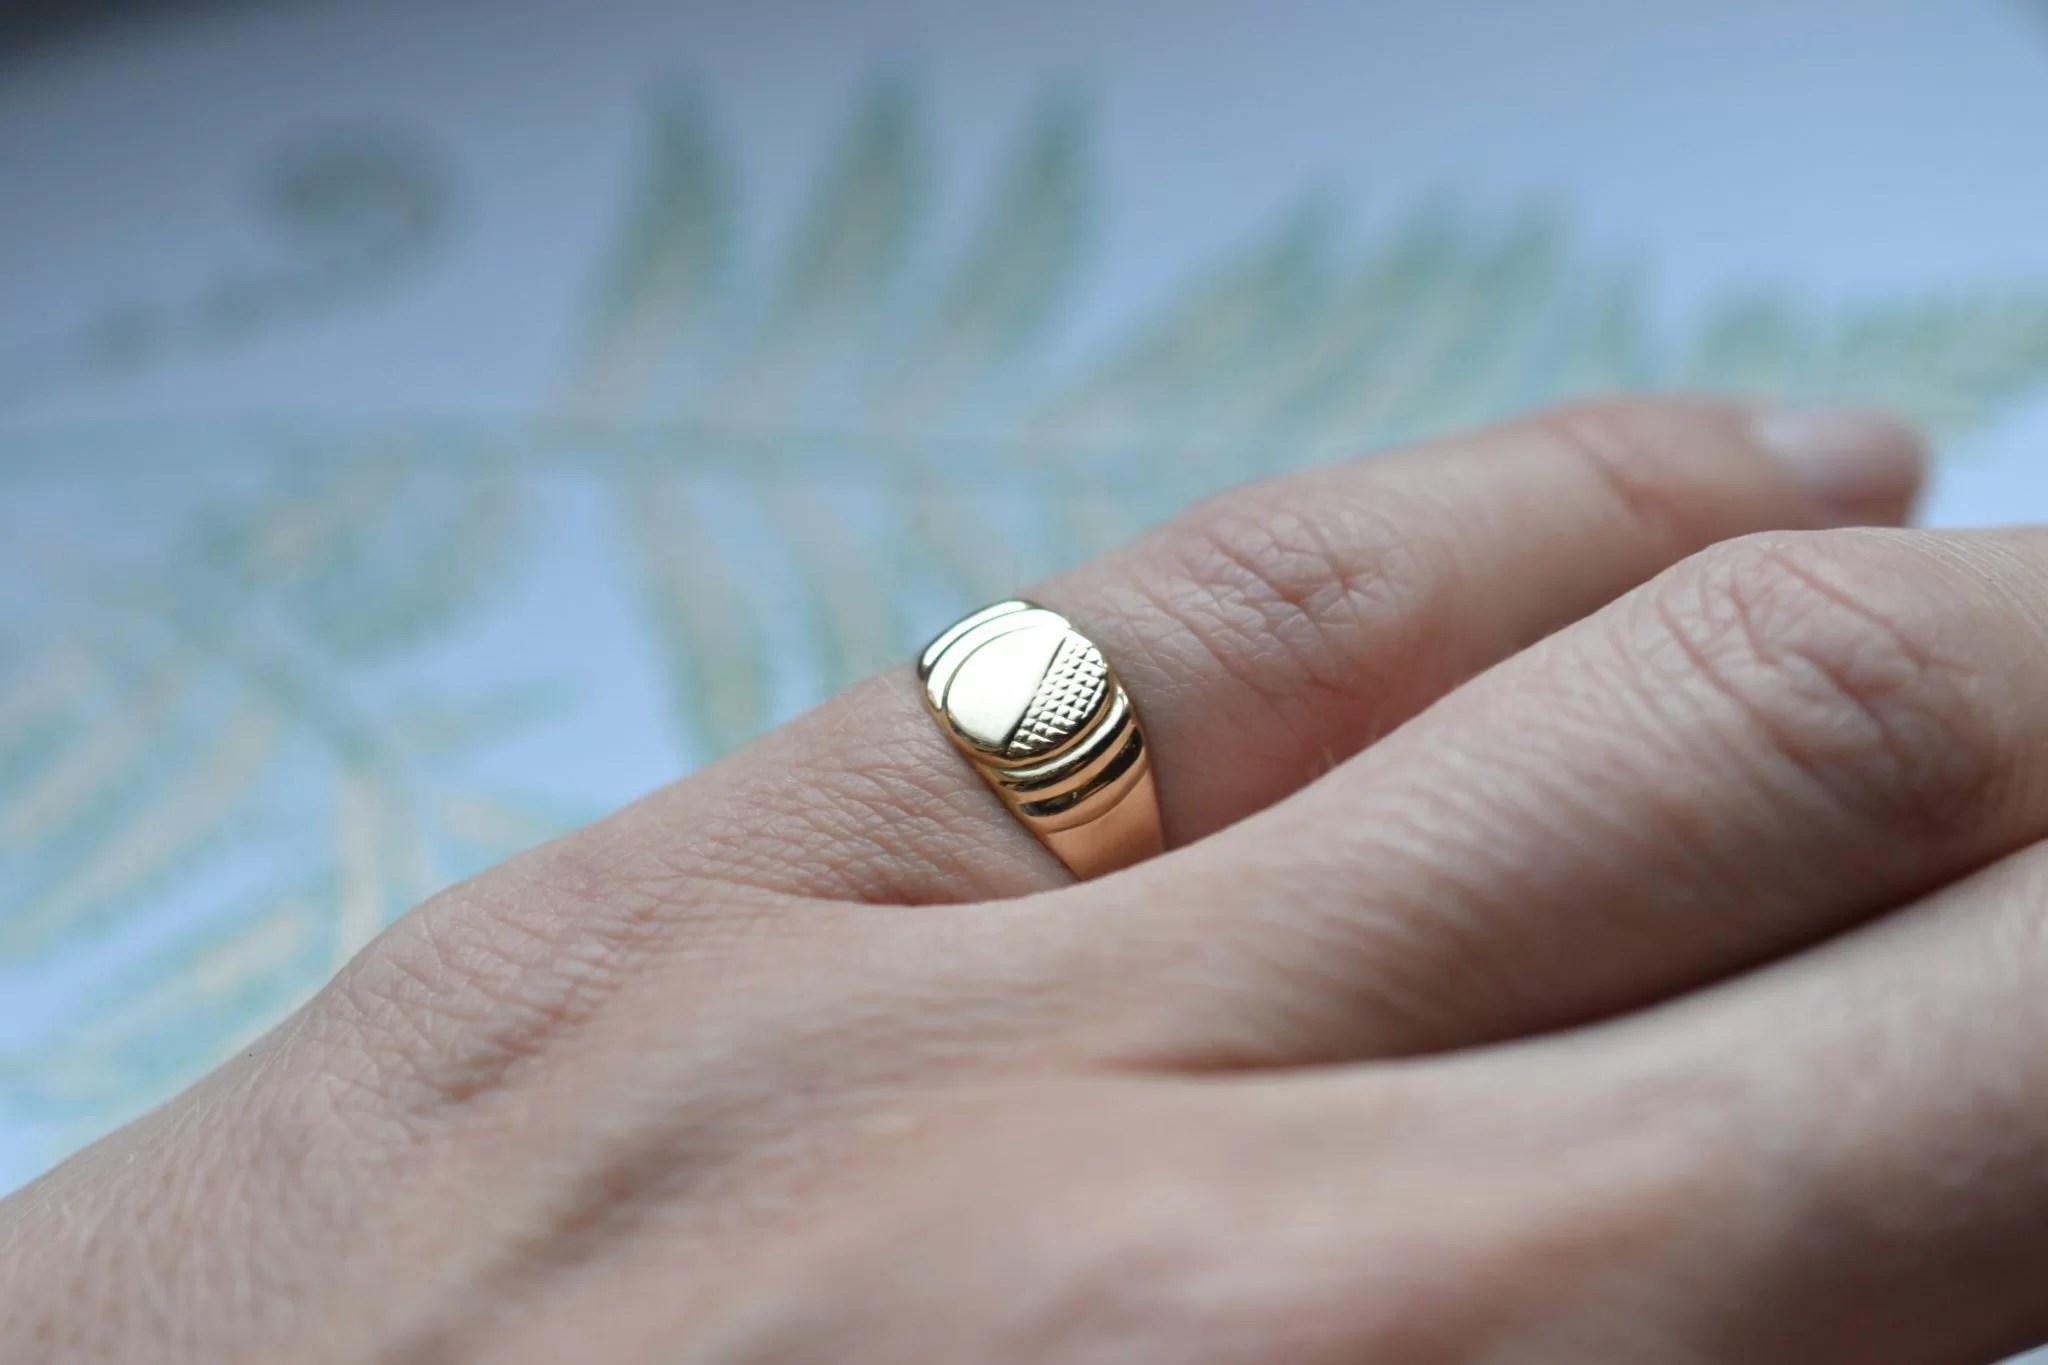 chevaliere ancienne petit doigt en Or 1! carats - 750:1000 - bijou ancien